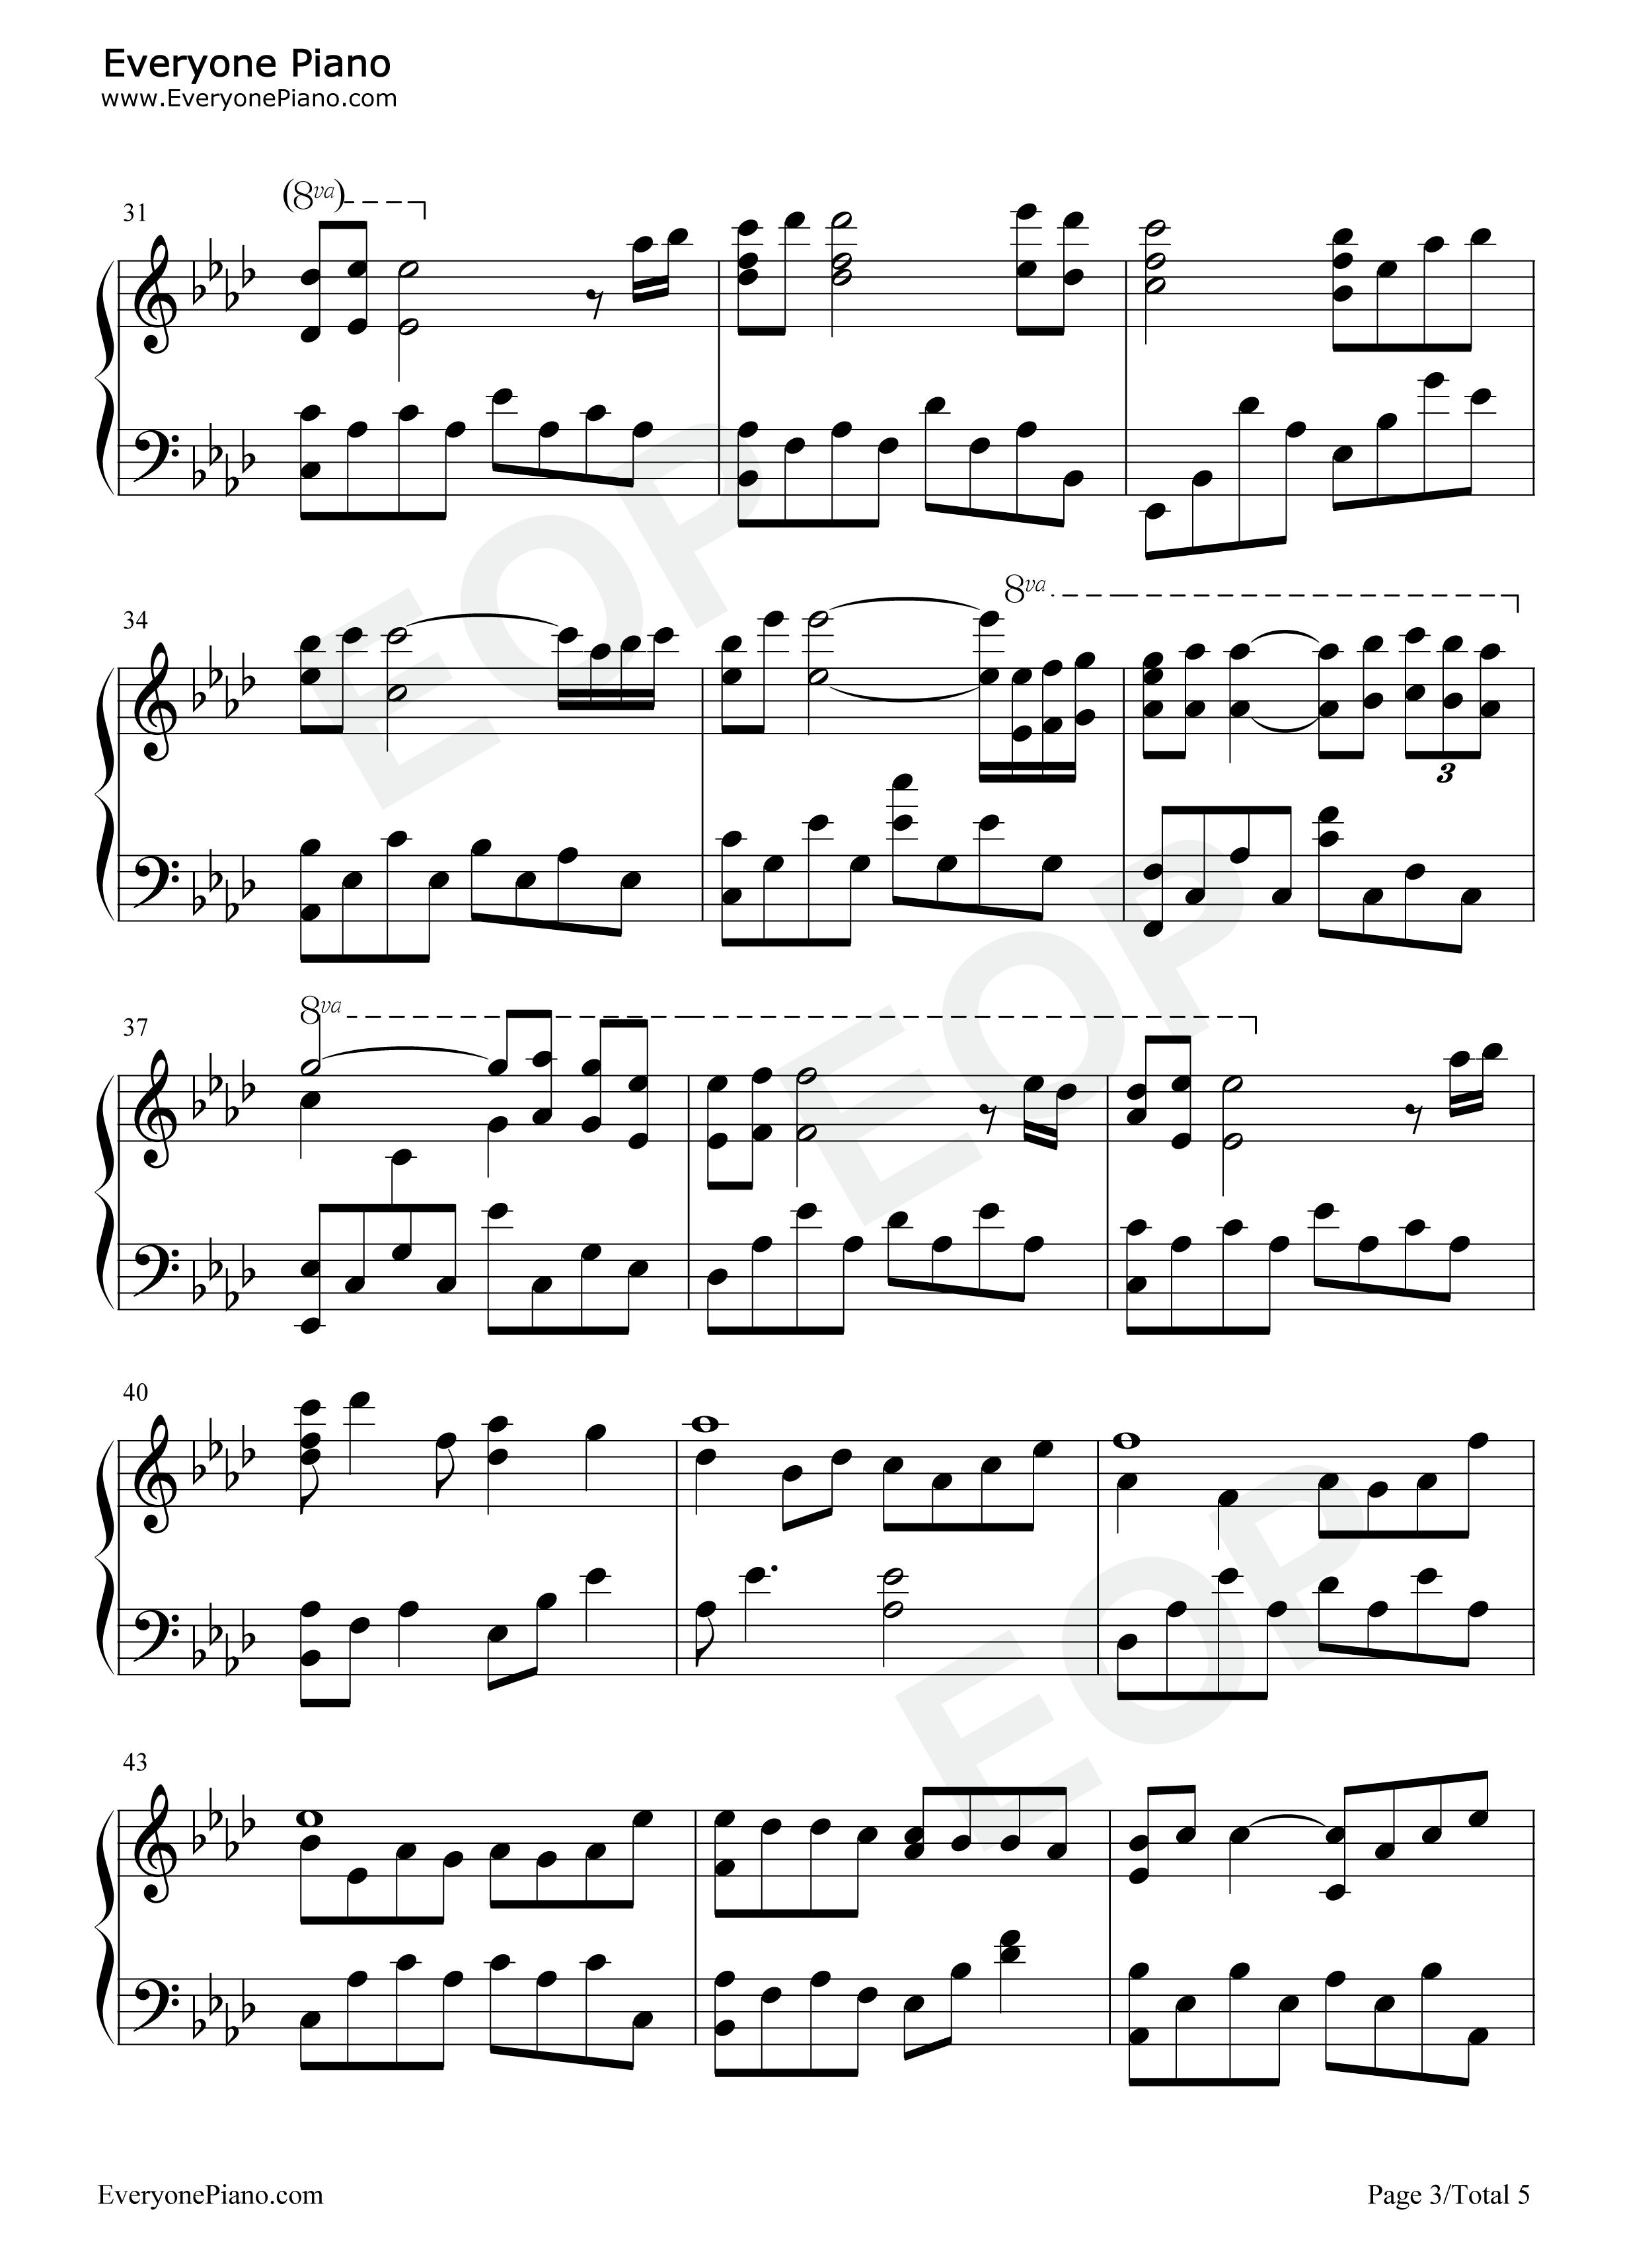 网站首页 钢琴曲谱 轻音乐 kiss the rain原版-雨的印记-李闰珉 >>